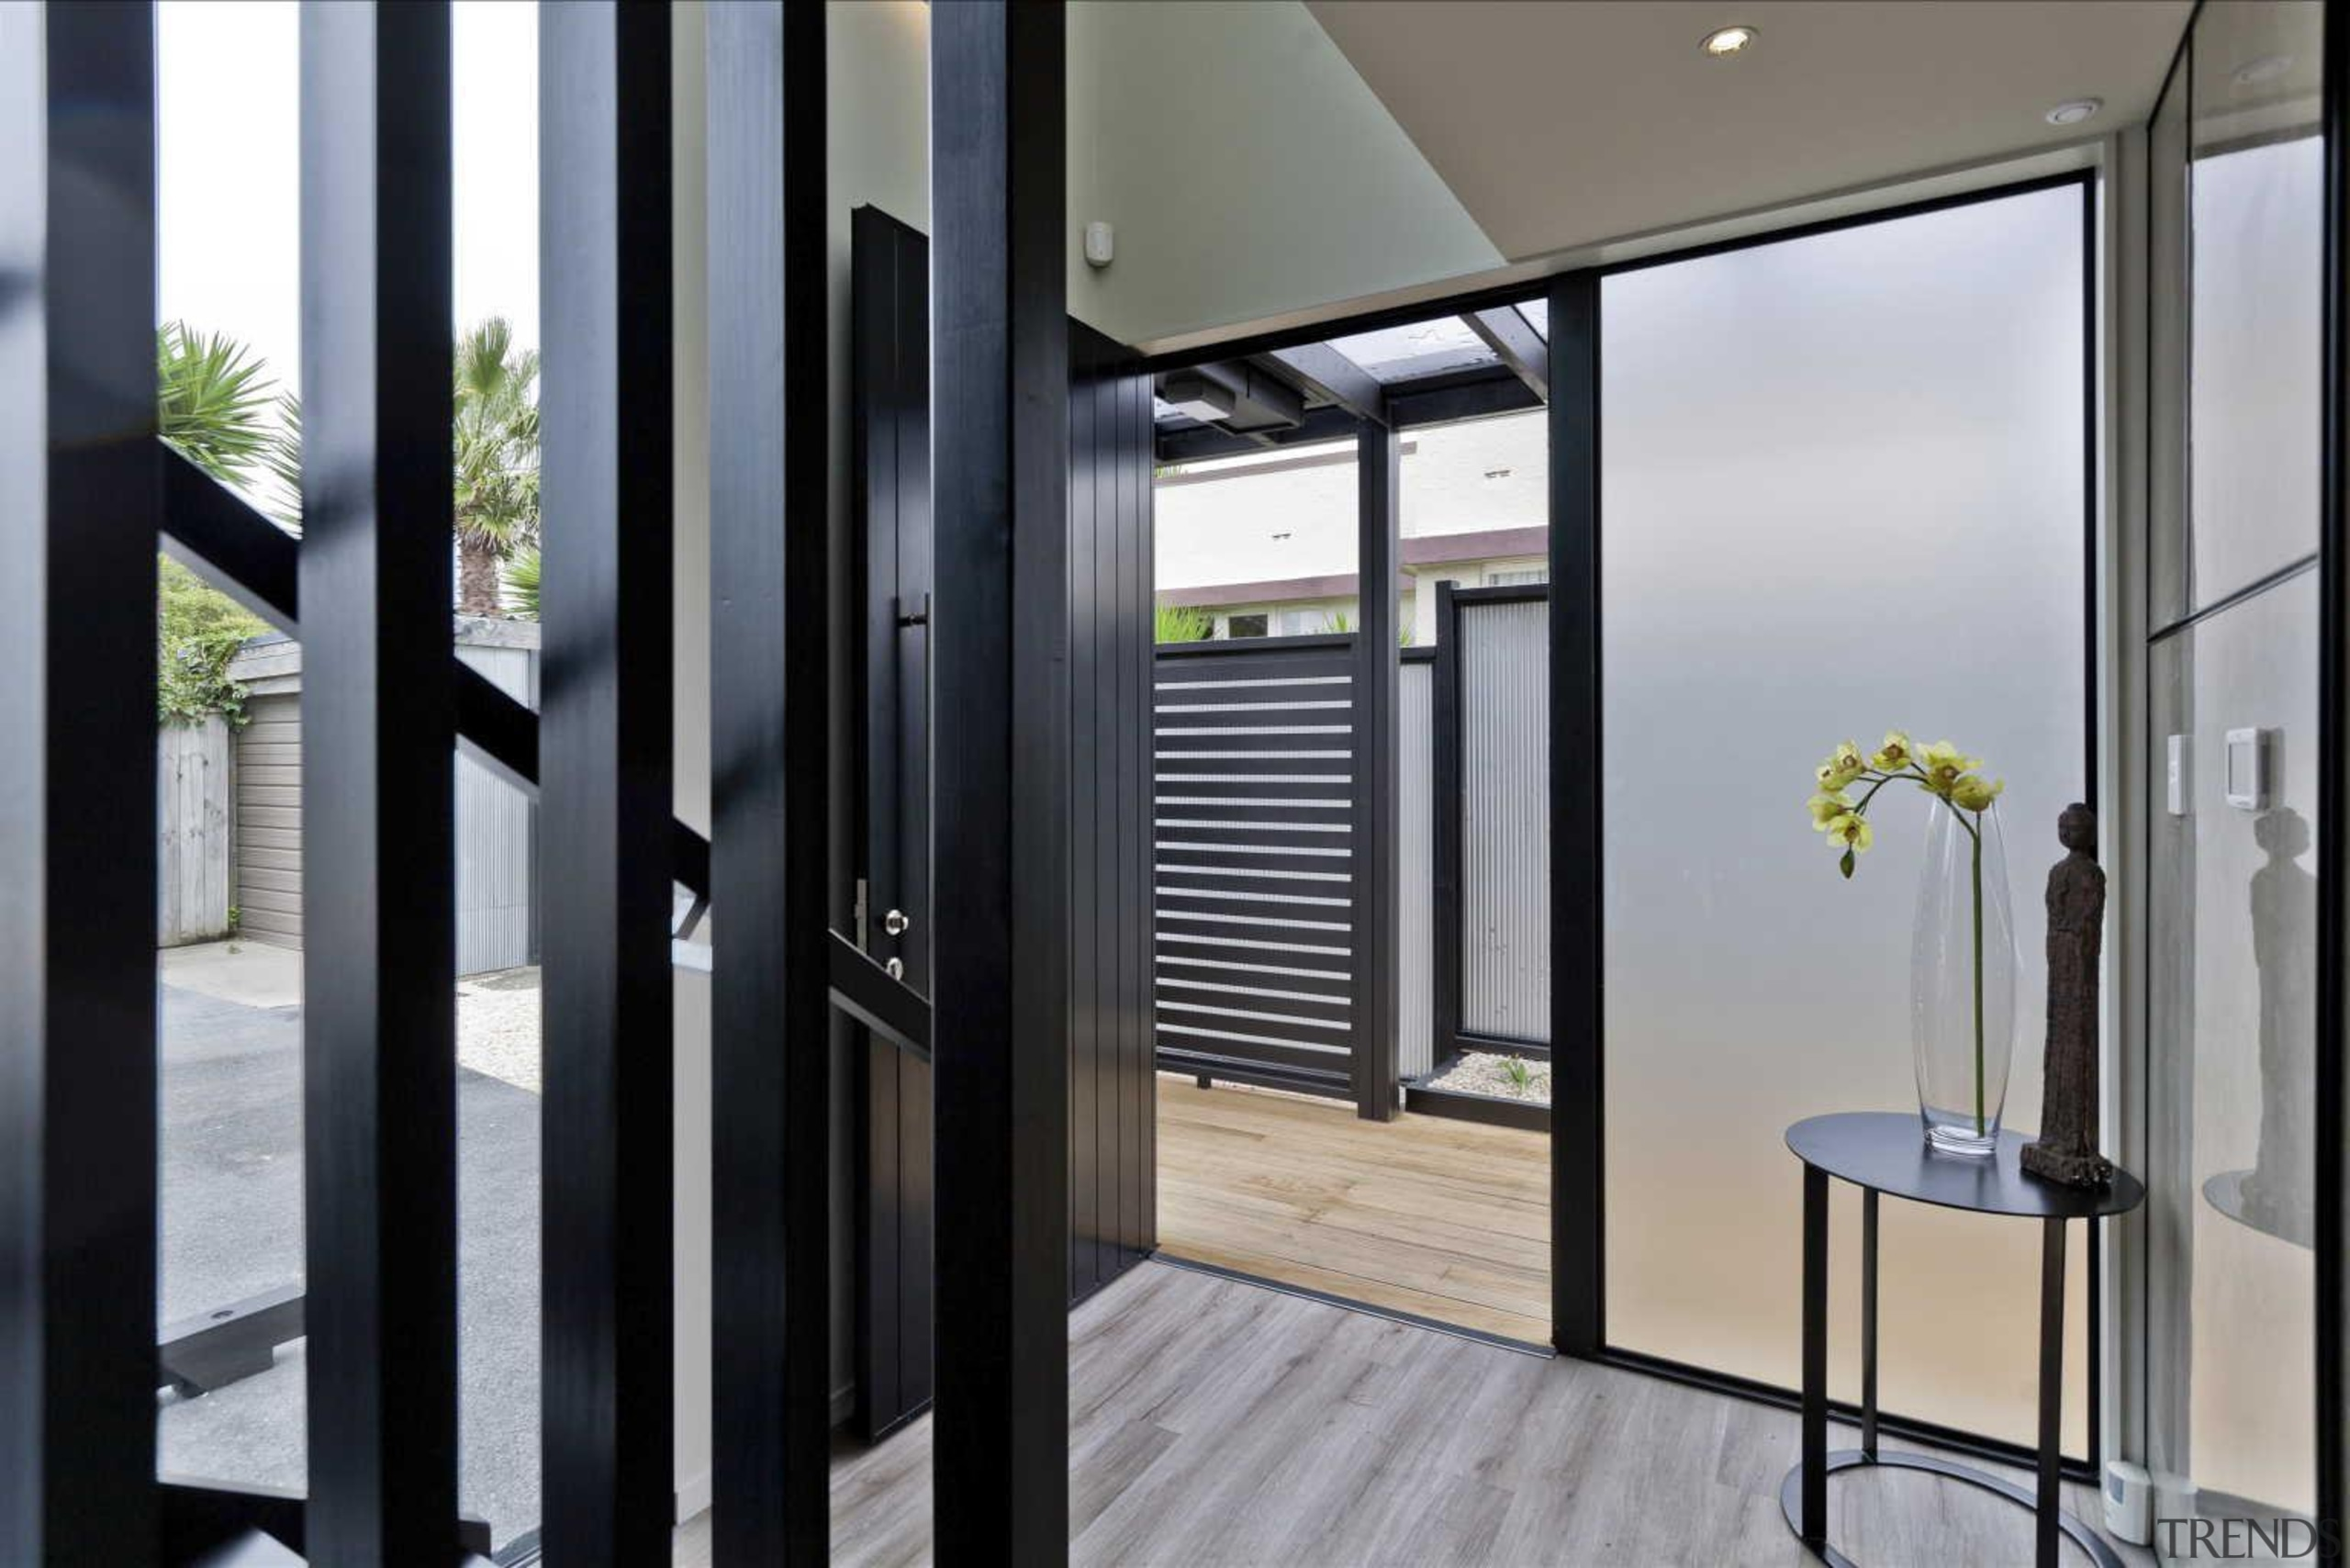 Foyer and main entrance door - Entrance Door door, interior design, window, gray, black